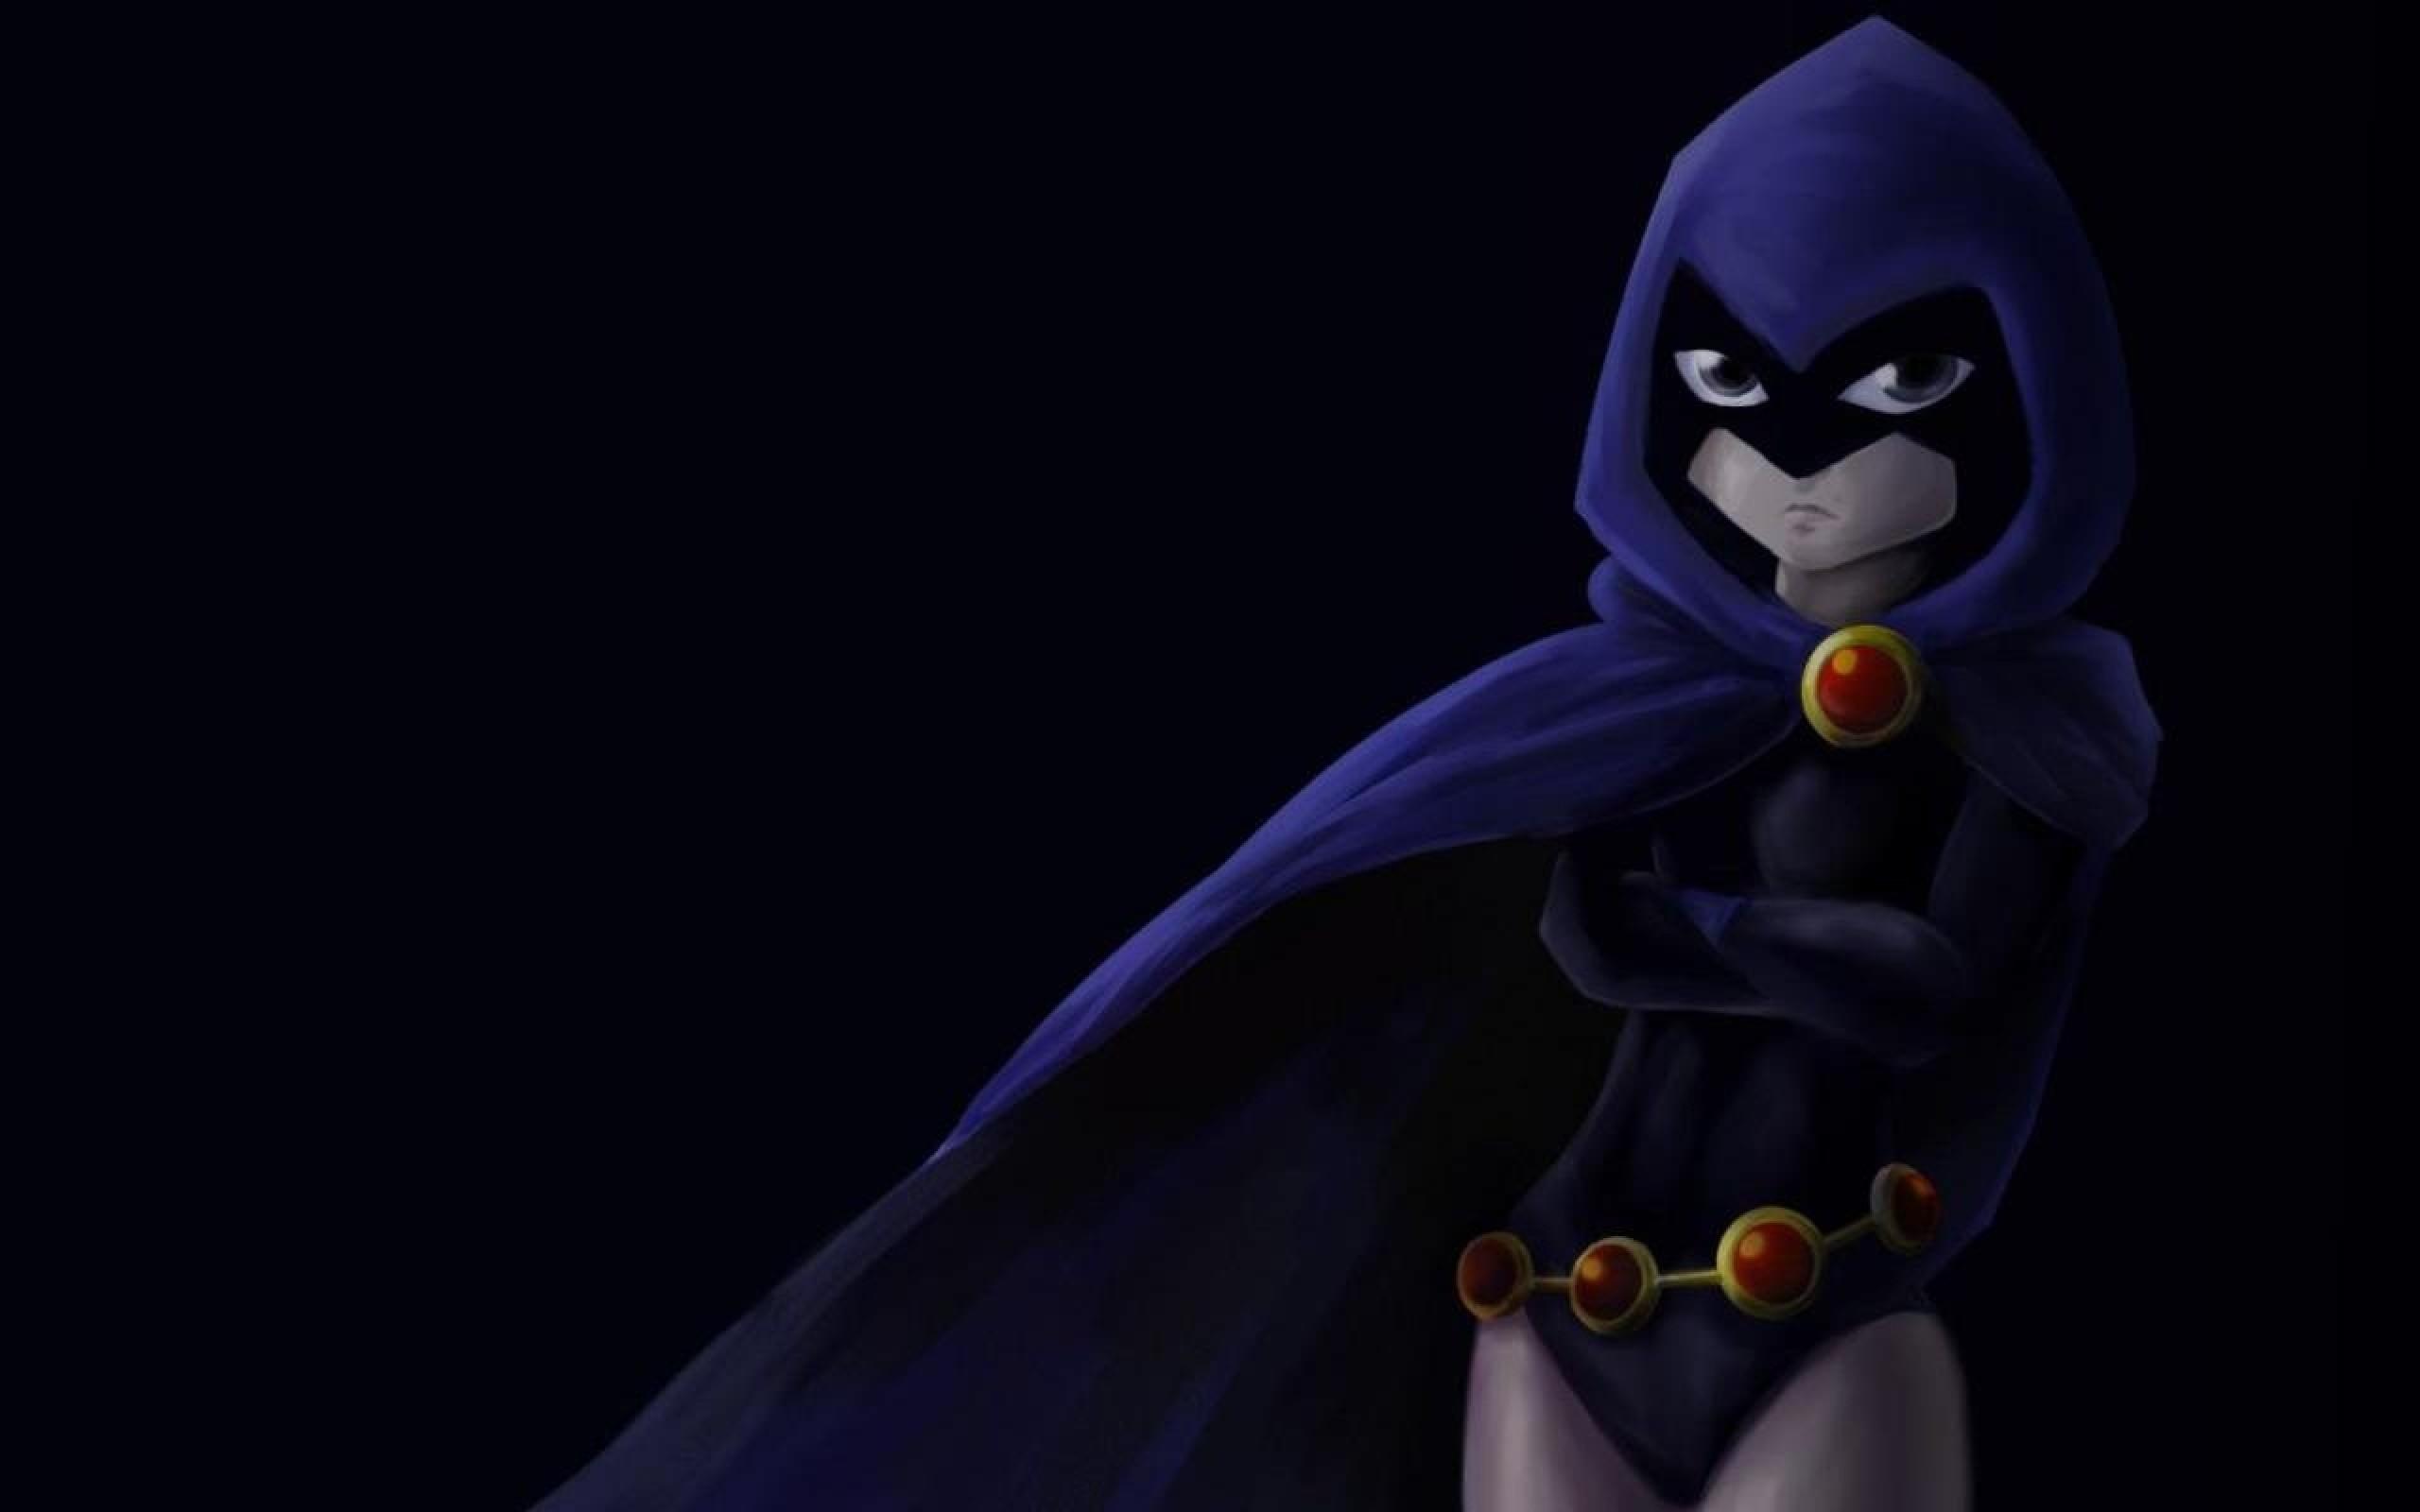 Raven Teen Titans DC Comics Wallpaper (73+ Images